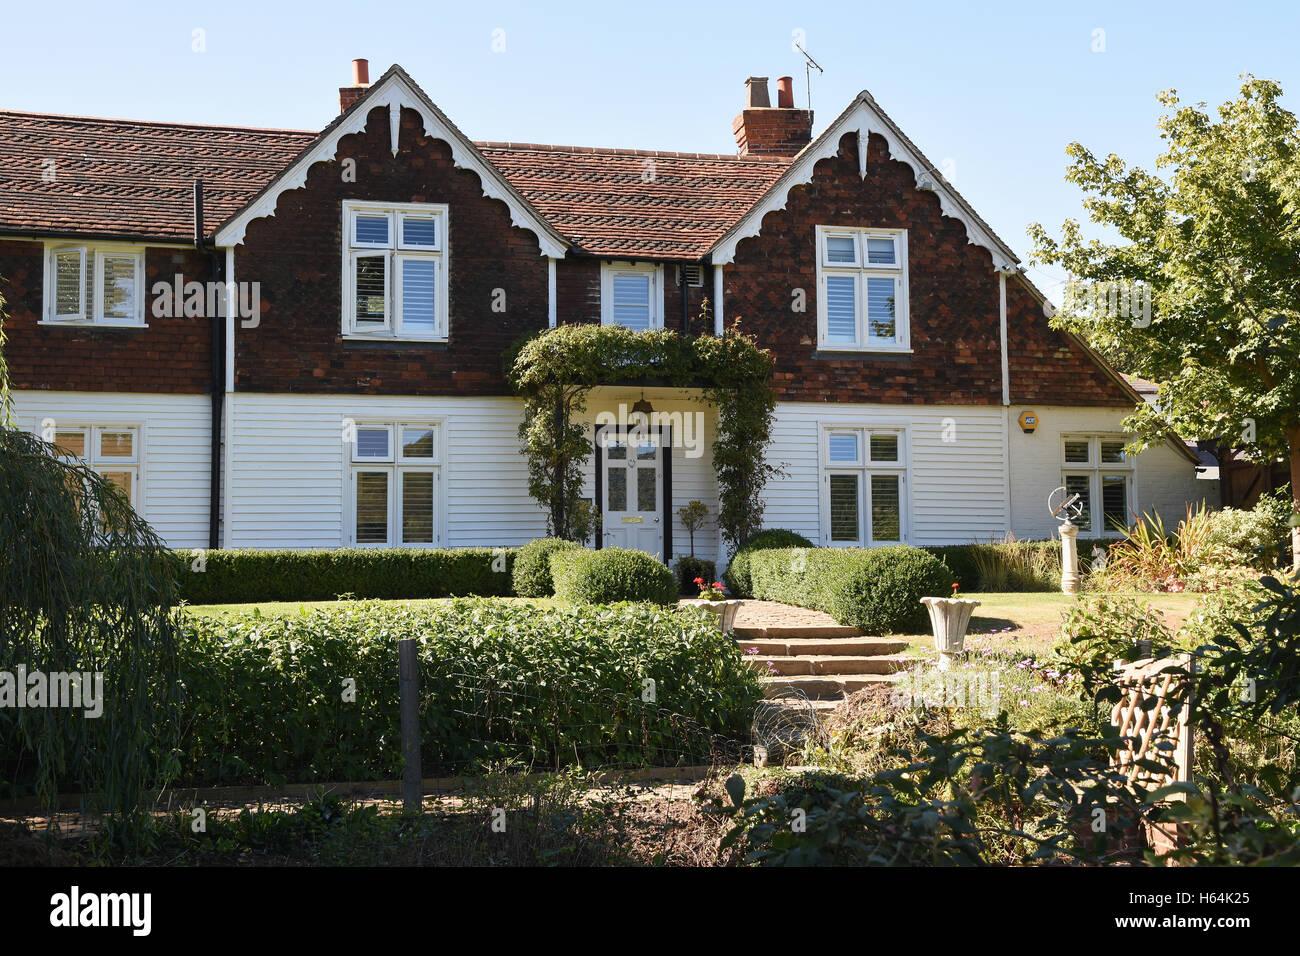 Modern Houses,Shoreham,Sevenoaks,Kent. UK - Stock Image